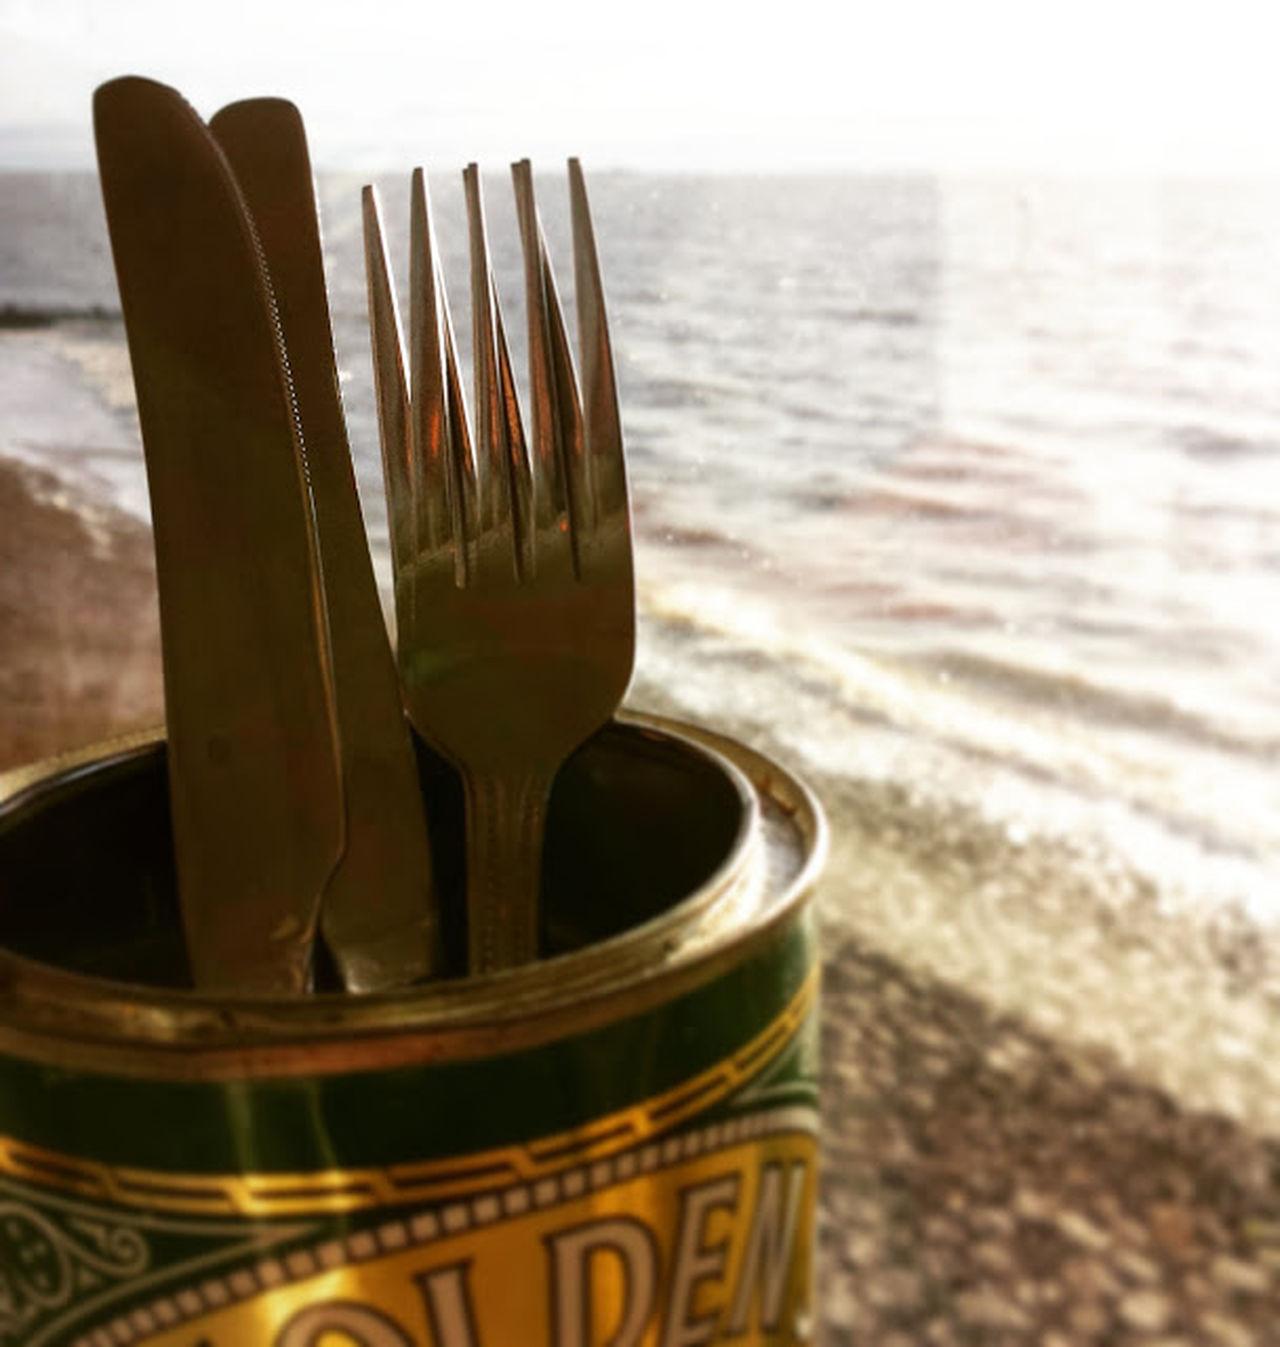 Beach Cafe Cutlery Southend On Sea